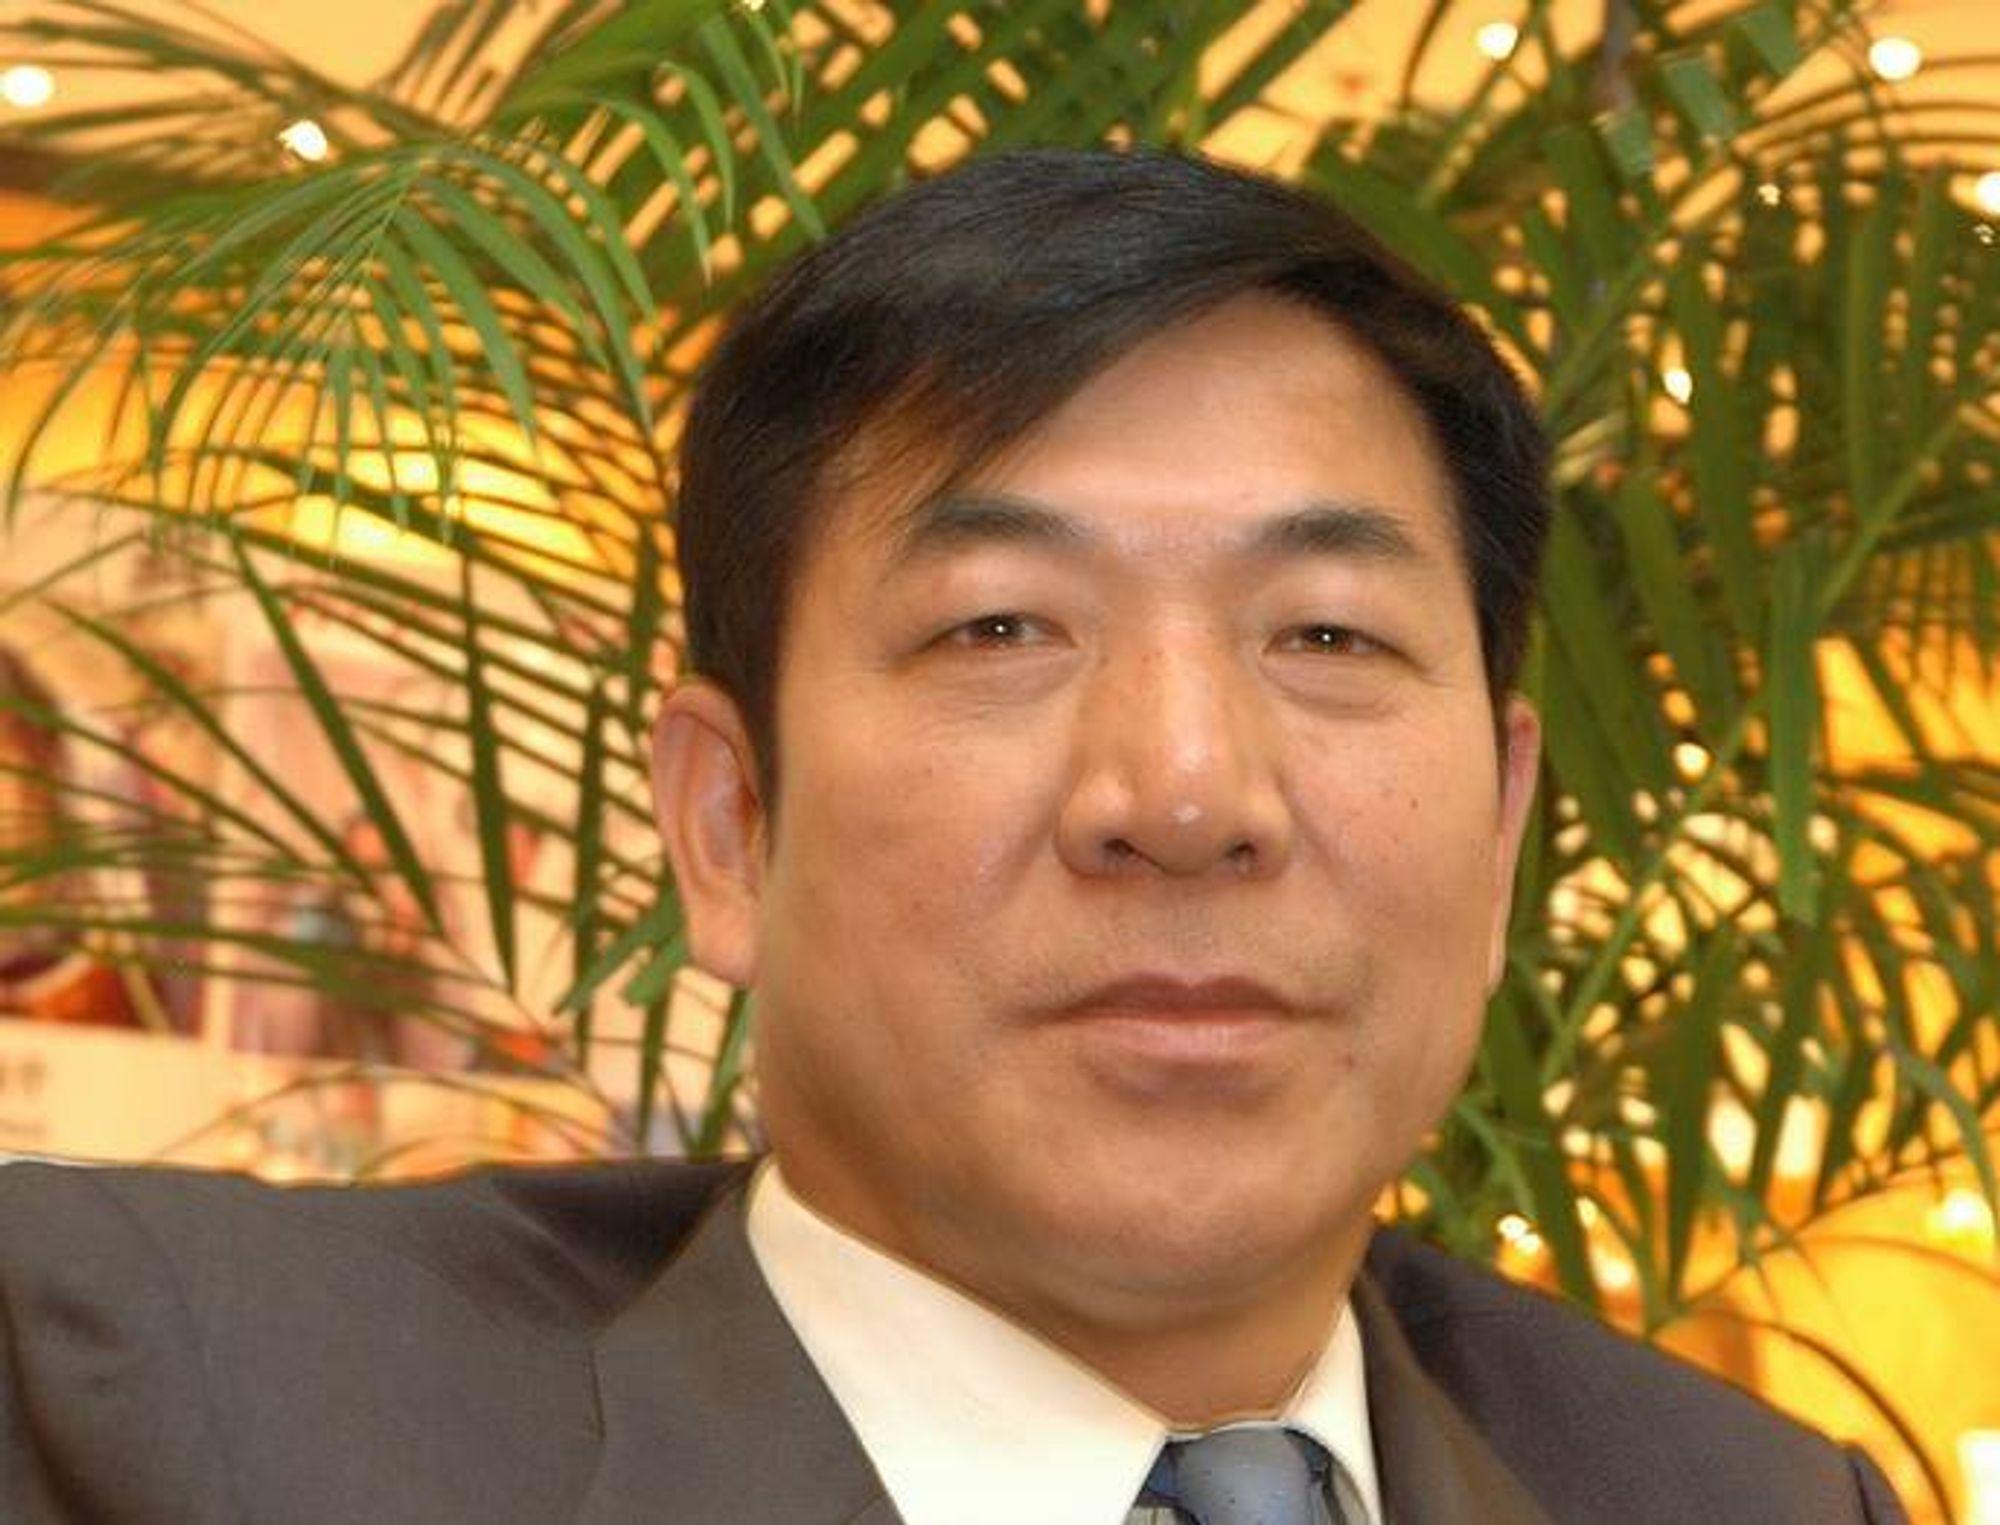 VELKOMMEN: Wang Yongyin, visepresident i den kinesiske sammenslutningen for rådgivende ingeniører ønsker norske ingeniørmiljøer velkommen til samarbeid.